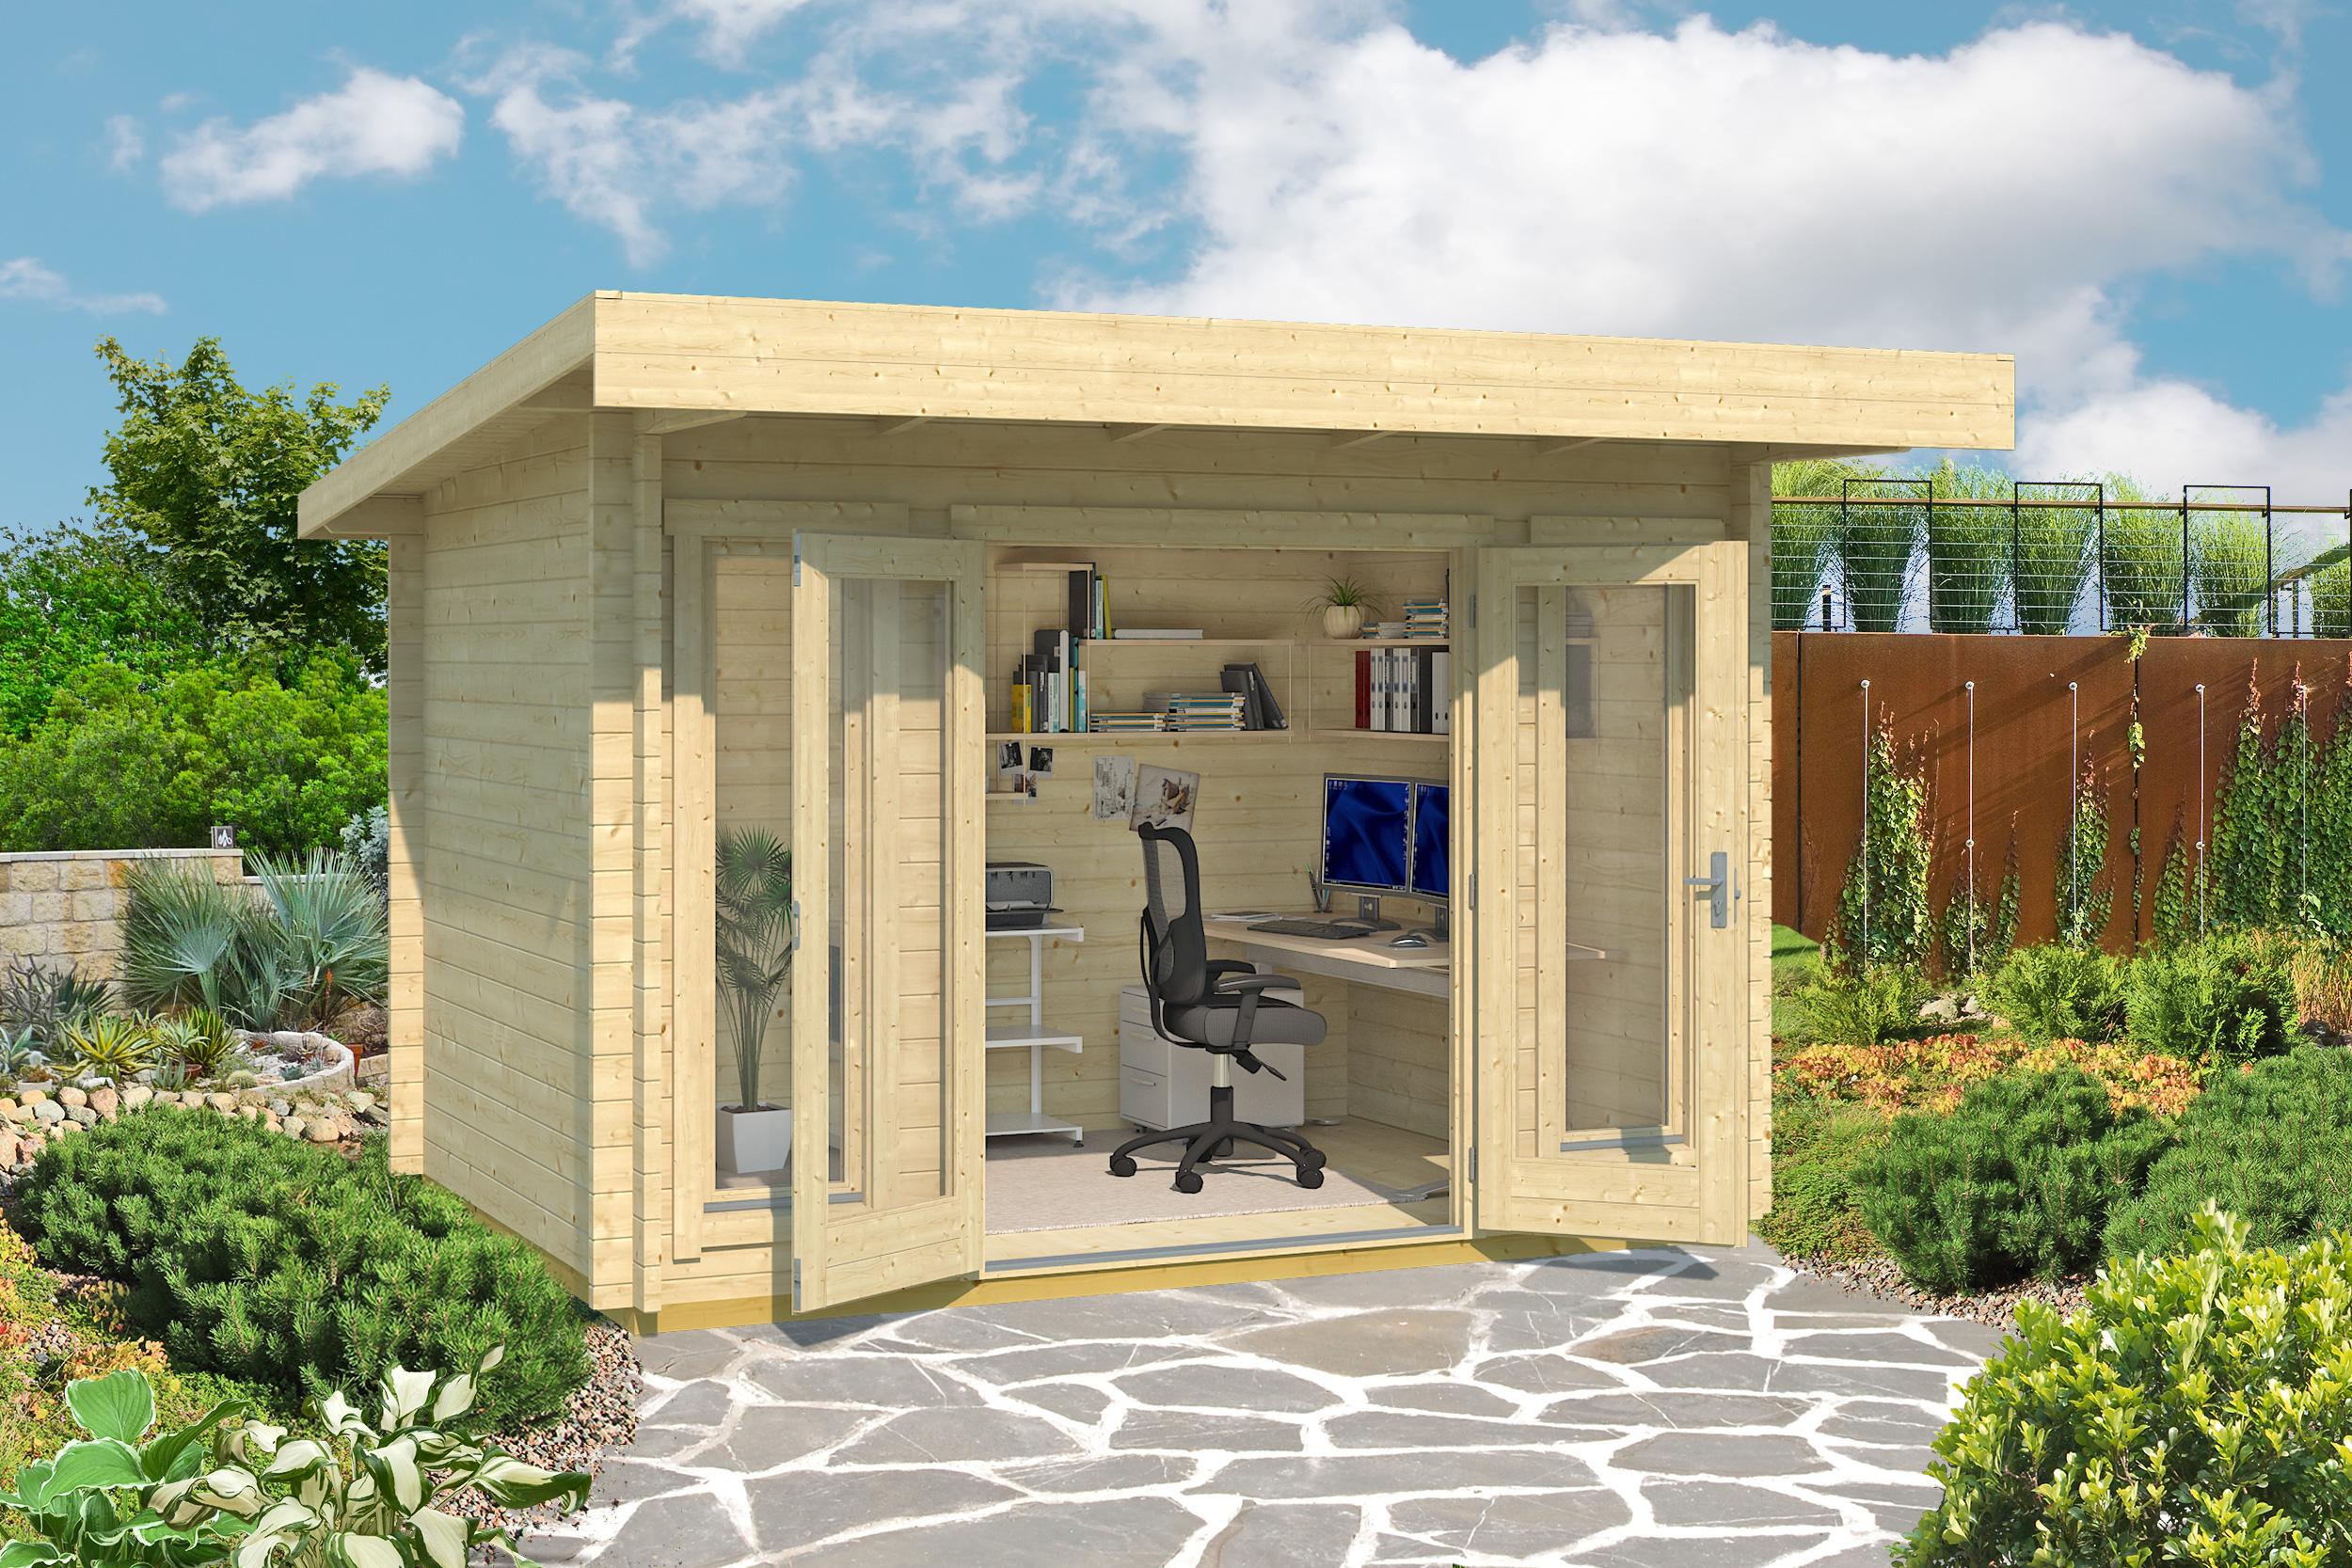 gartenhaus und ger tehaus flachdach pultdach bungalow mini kaufen. Black Bedroom Furniture Sets. Home Design Ideas